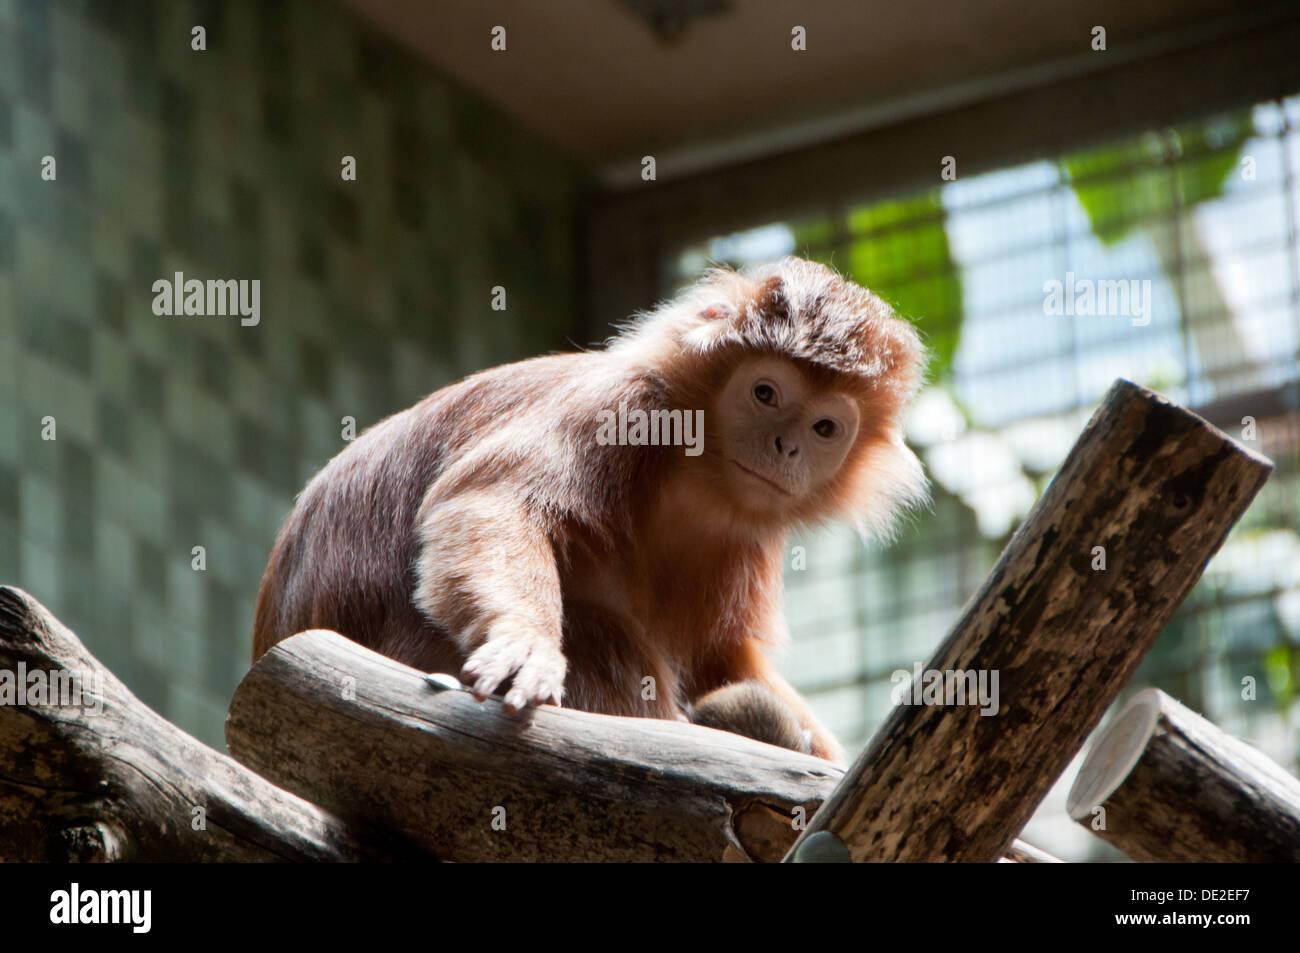 Un po' di scimmia a Berlino Zoo guardando un po' triste. Foto Stock